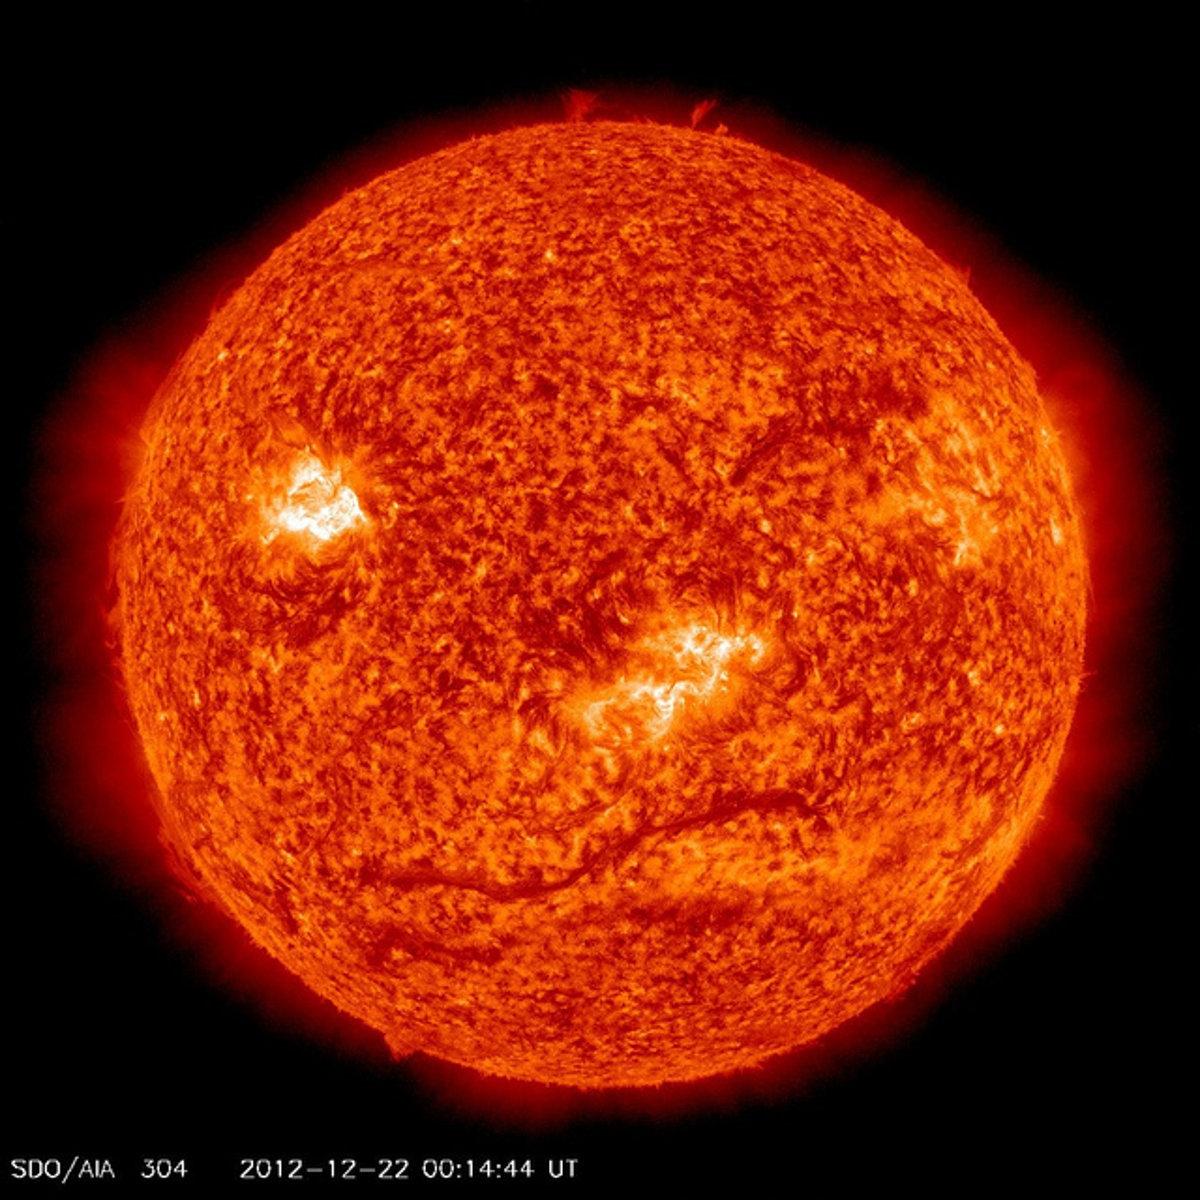 как выглядит звезда вблизи фото вторичный смысловой